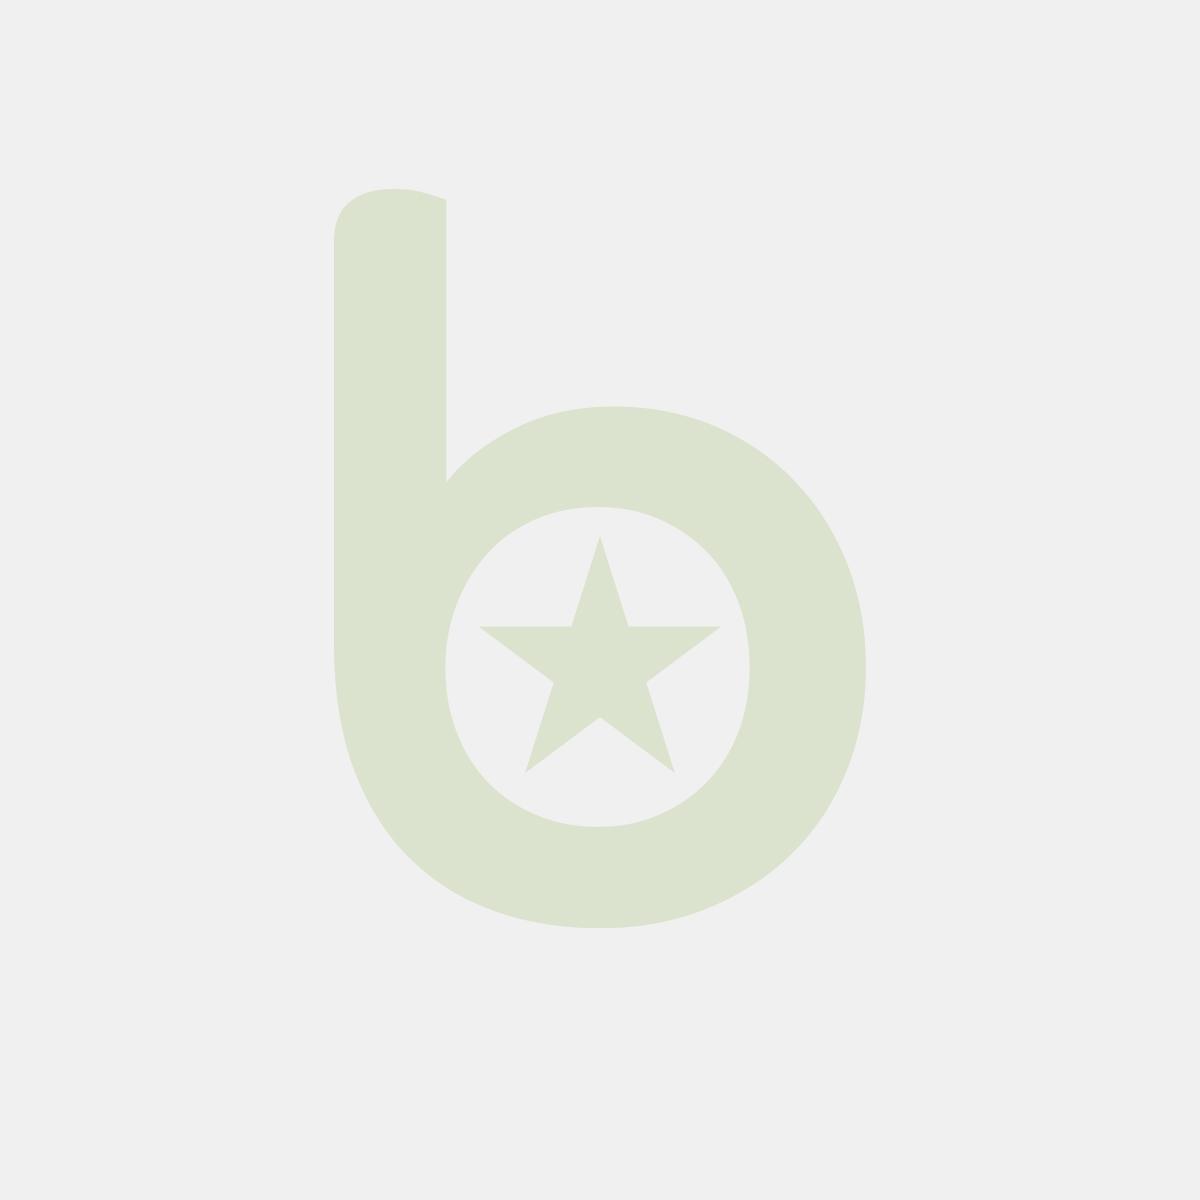 Pojemnik obiadowy do zgrzewu W1/620B niedzielony, biały, 227x178x40, cena za opakowanie 320szt